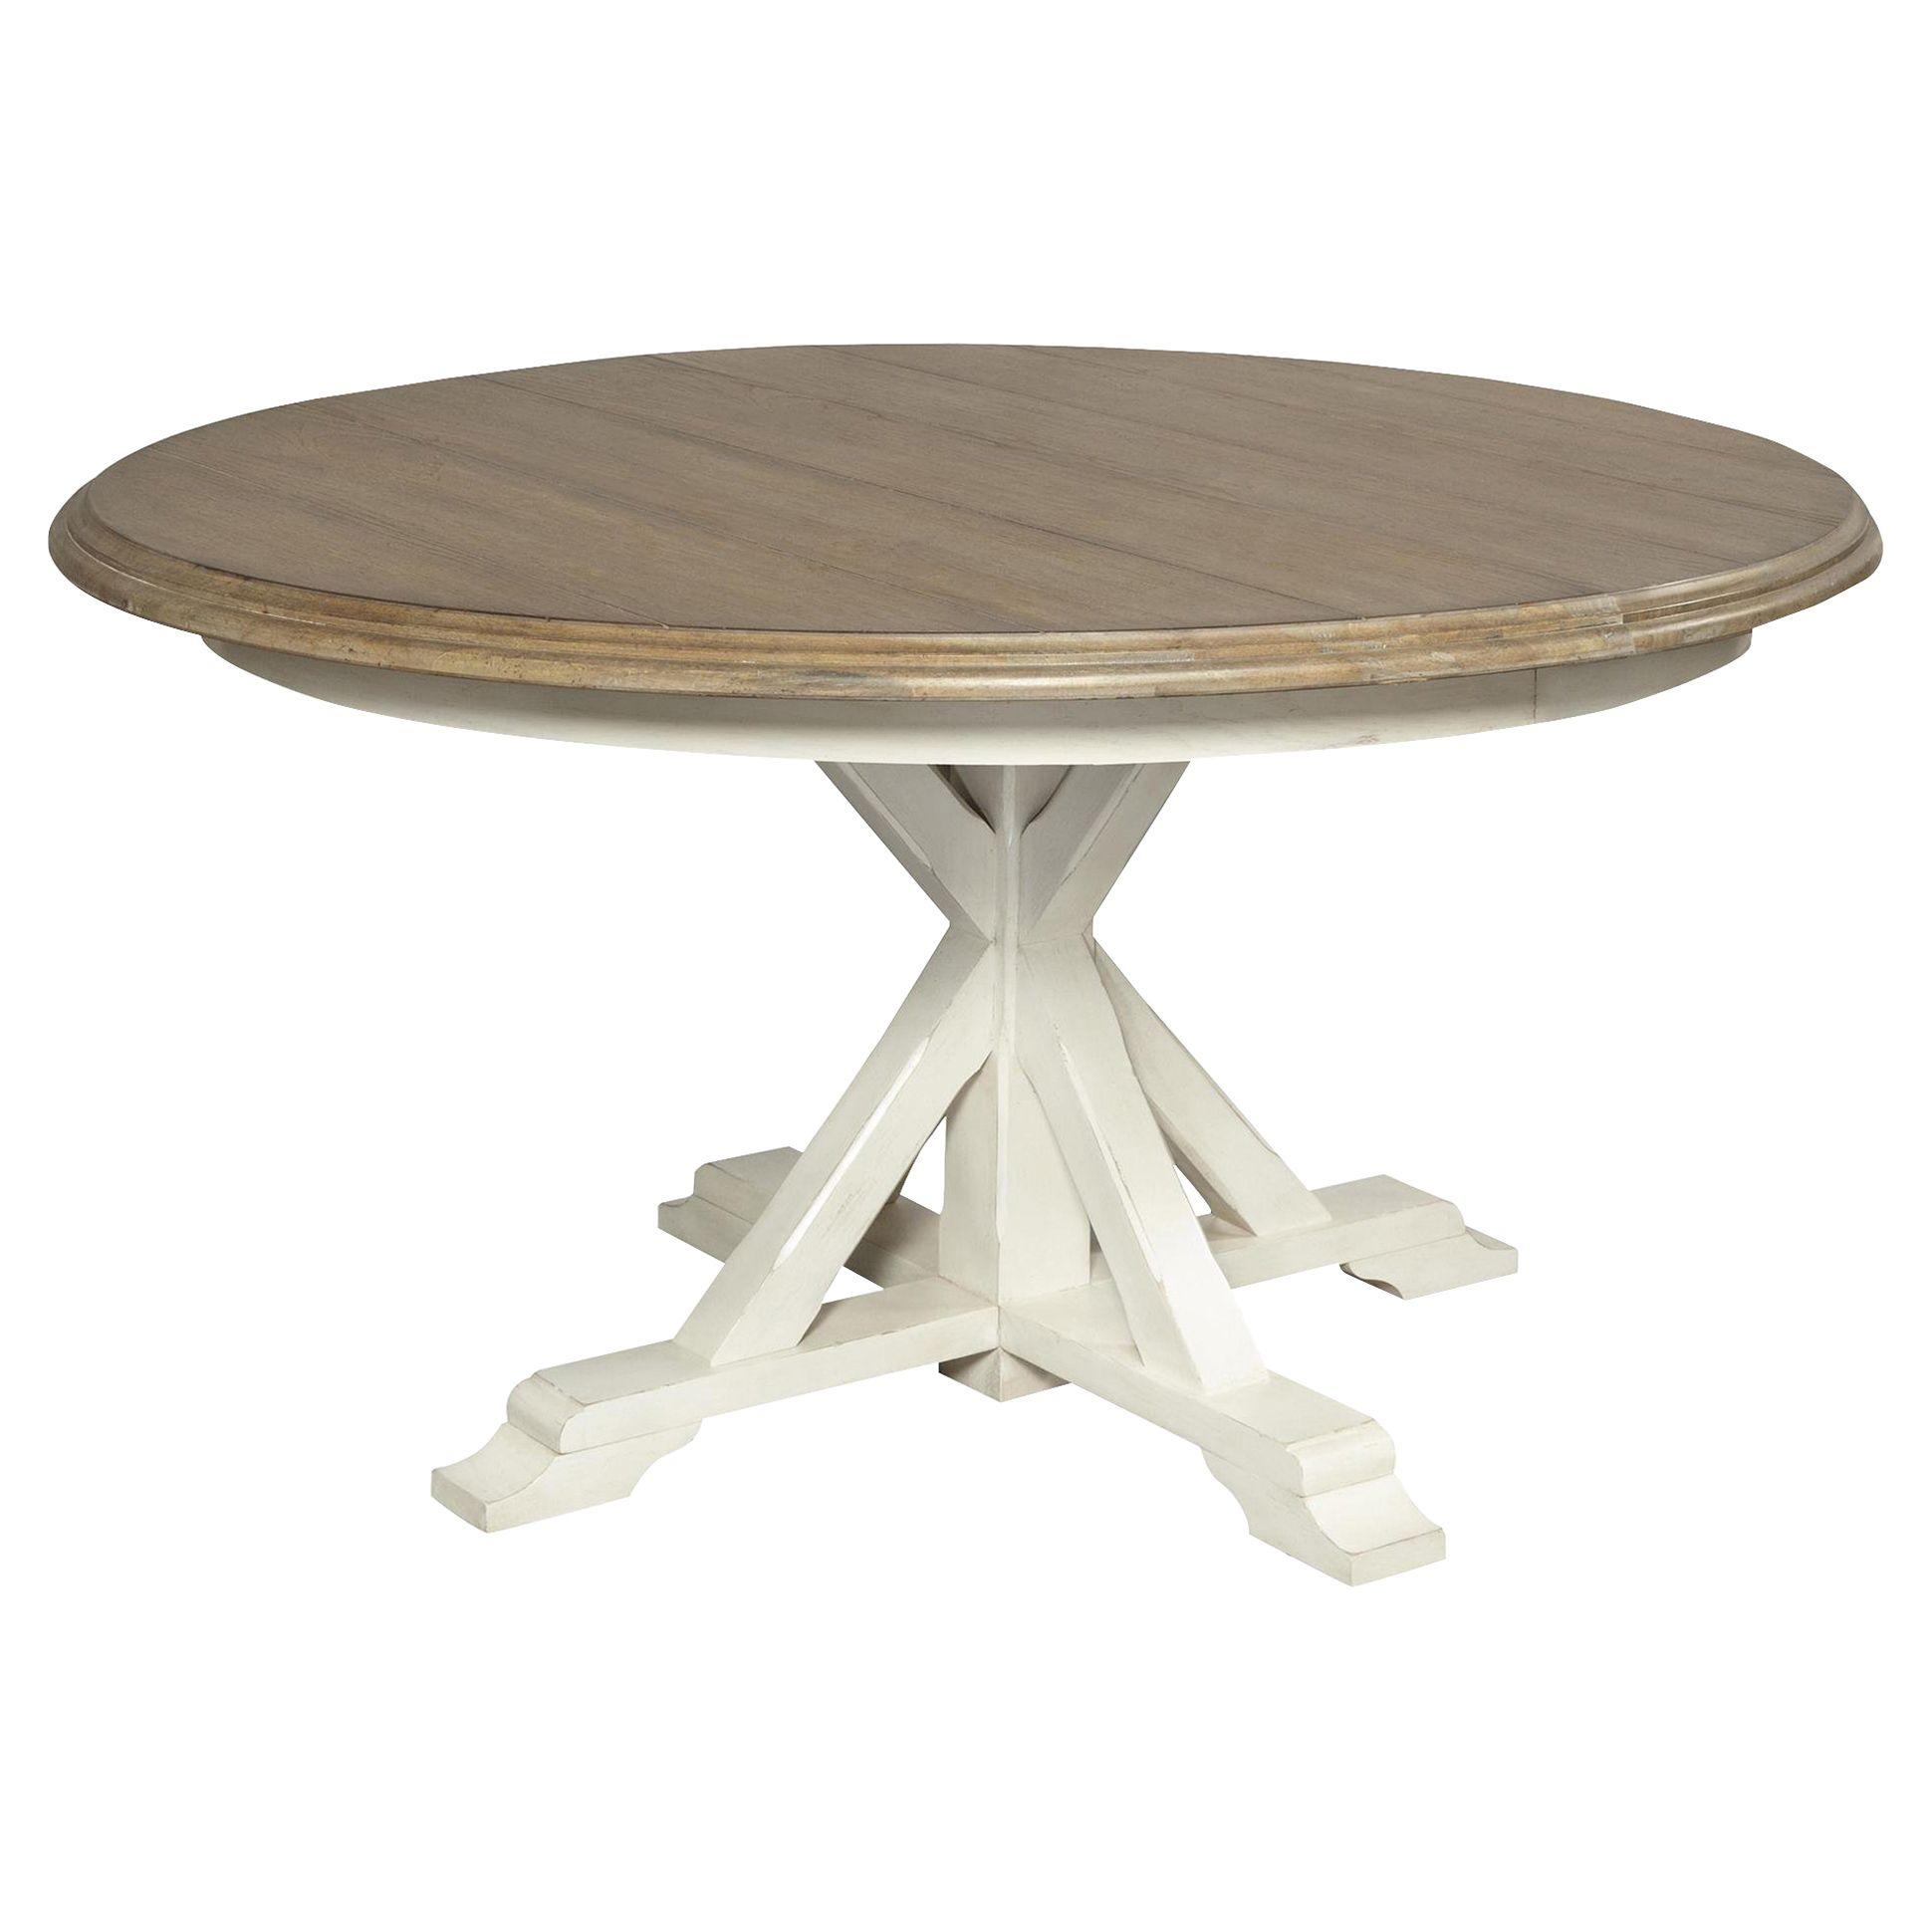 Kaylee Rustic Brown Top White Wood Round Extendable Dining Table 54 72 Round Extendable Dining Table Dining Table Round Wood Dining Table